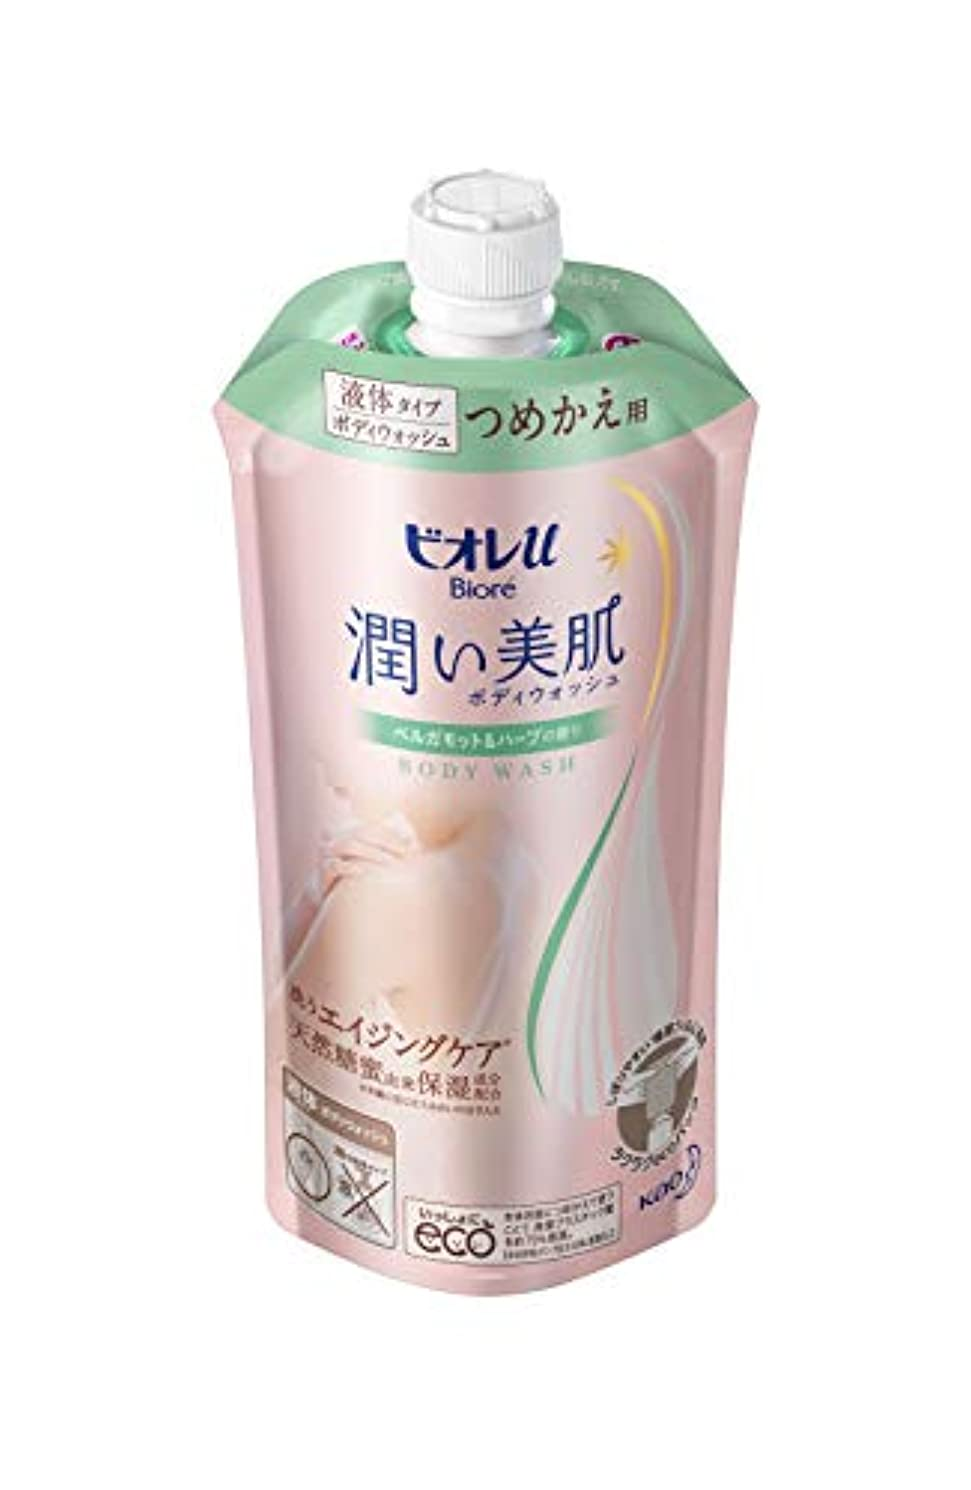 自伝悪夢医師ビオレu 潤い美肌ボディウォッシュ ベルガモット&ハーブの香り つめかえ用